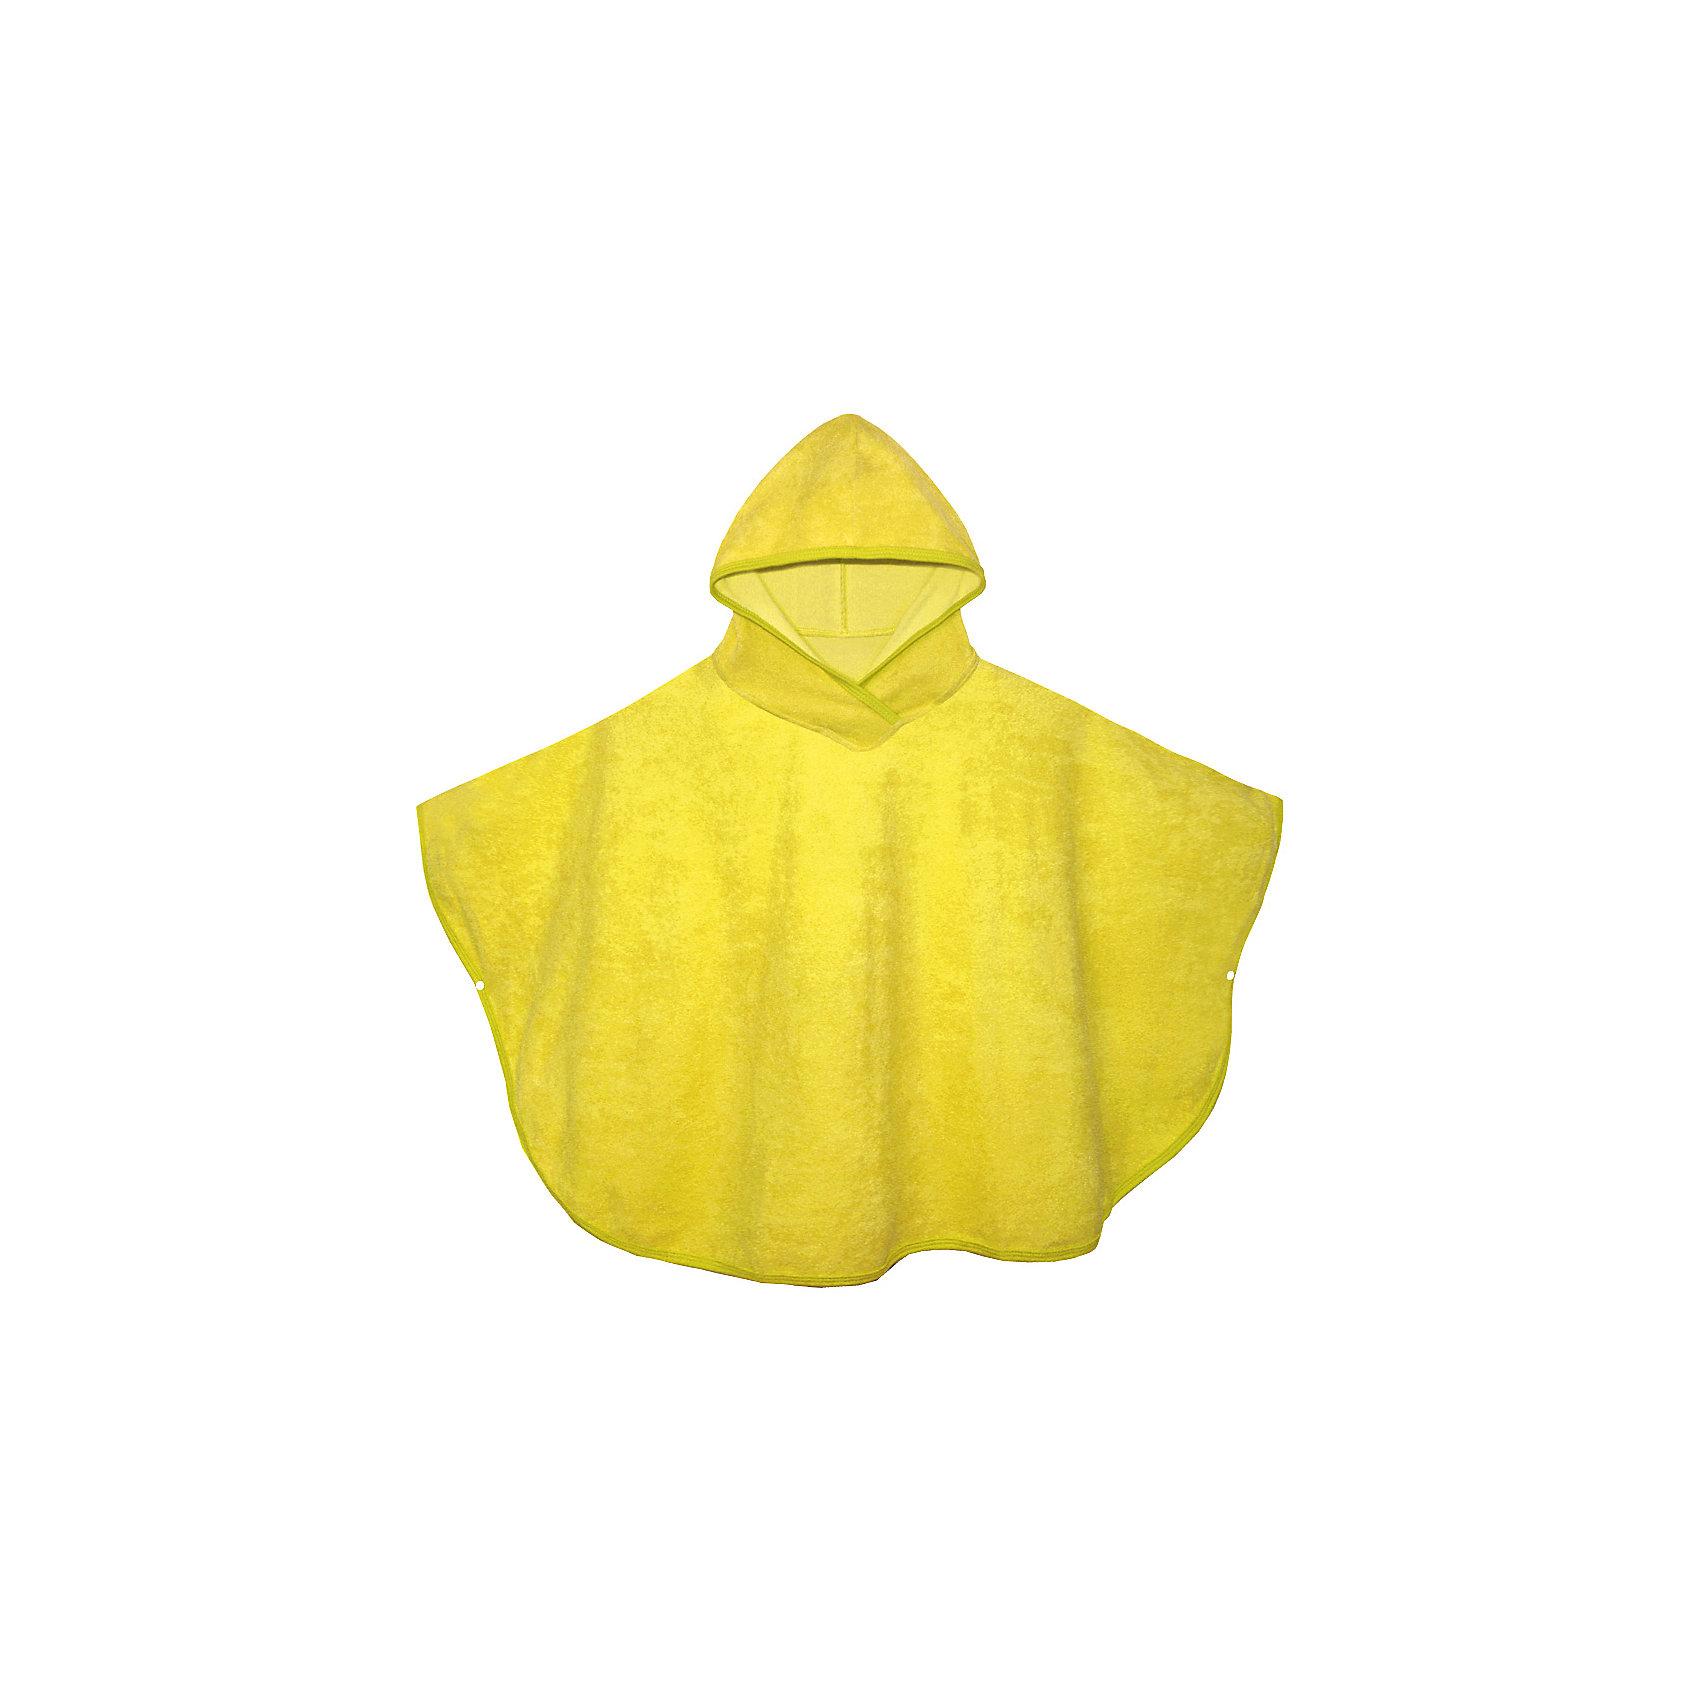 Пляжное полотенце  KotMarKotХалаты<br>Пляжное полотенце  KotMarKot<br>Состав:<br>80% хлопок, 20% ПЭ<br><br>Ширина мм: 183<br>Глубина мм: 60<br>Высота мм: 135<br>Вес г: 119<br>Цвет: желтый<br>Возраст от месяцев: 36<br>Возраст до месяцев: 48<br>Пол: Унисекс<br>Возраст: Детский<br>Размер: 104,128<br>SKU: 6755062